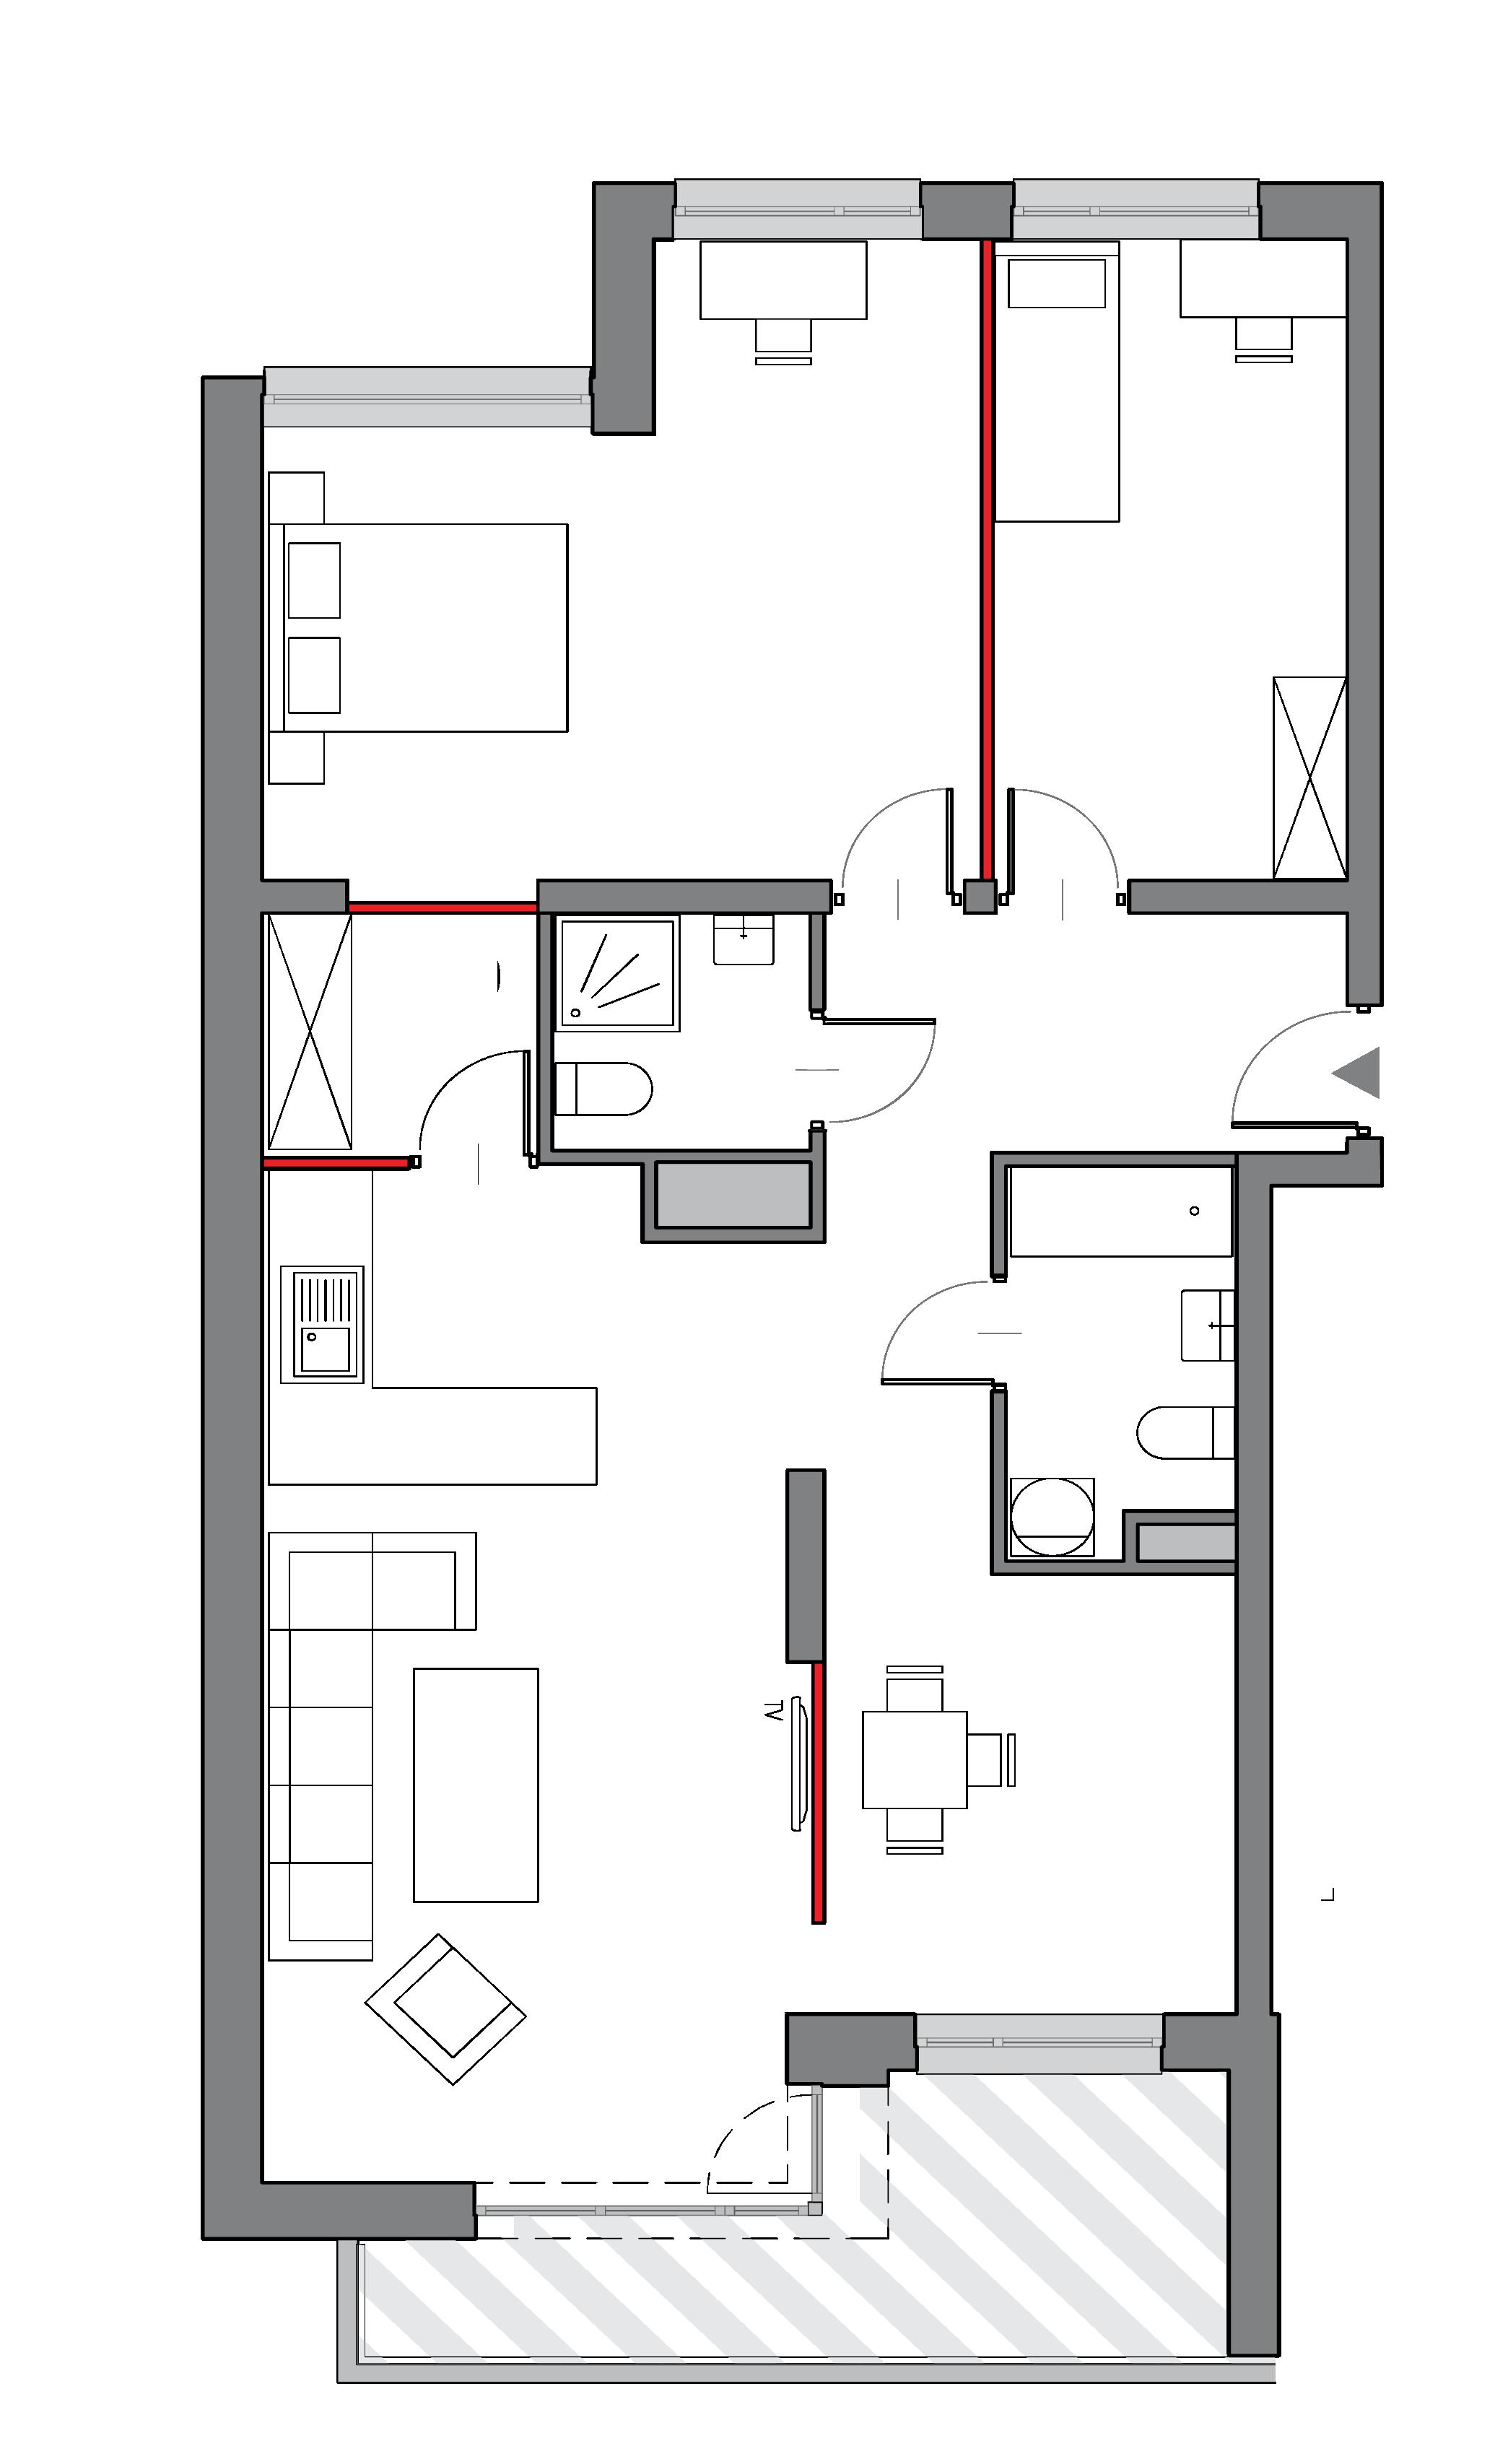 B2-M51